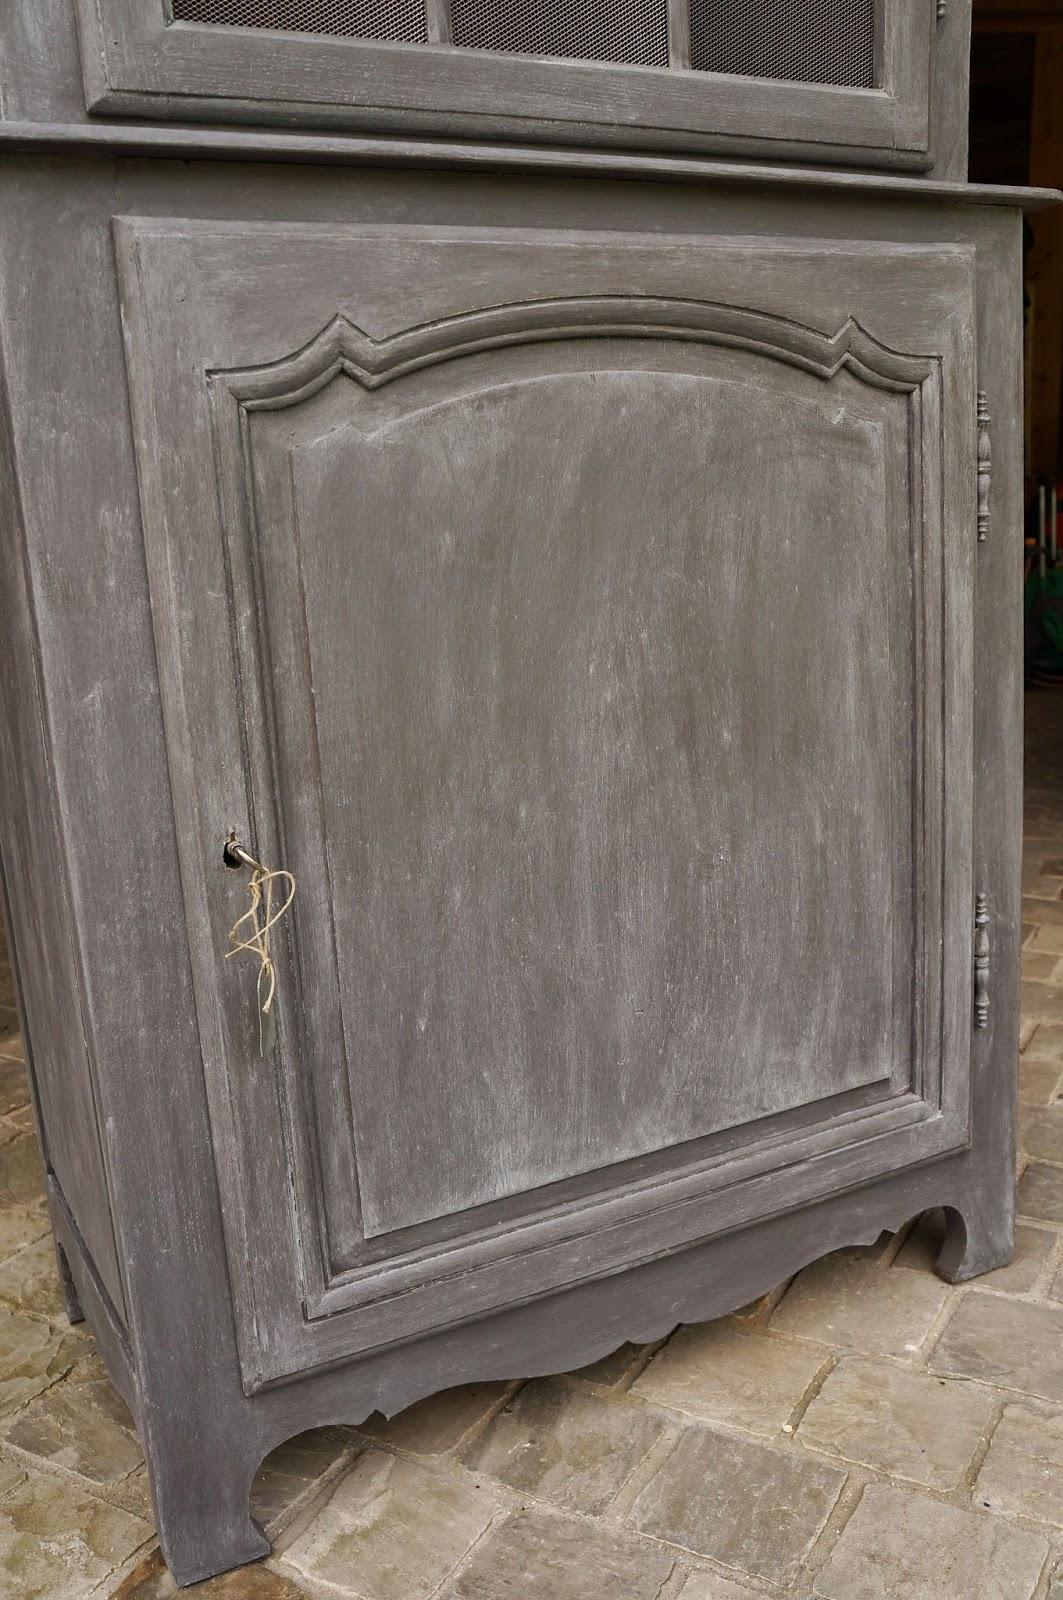 armoire-vaisselier-gris-patiné-grillage-tole